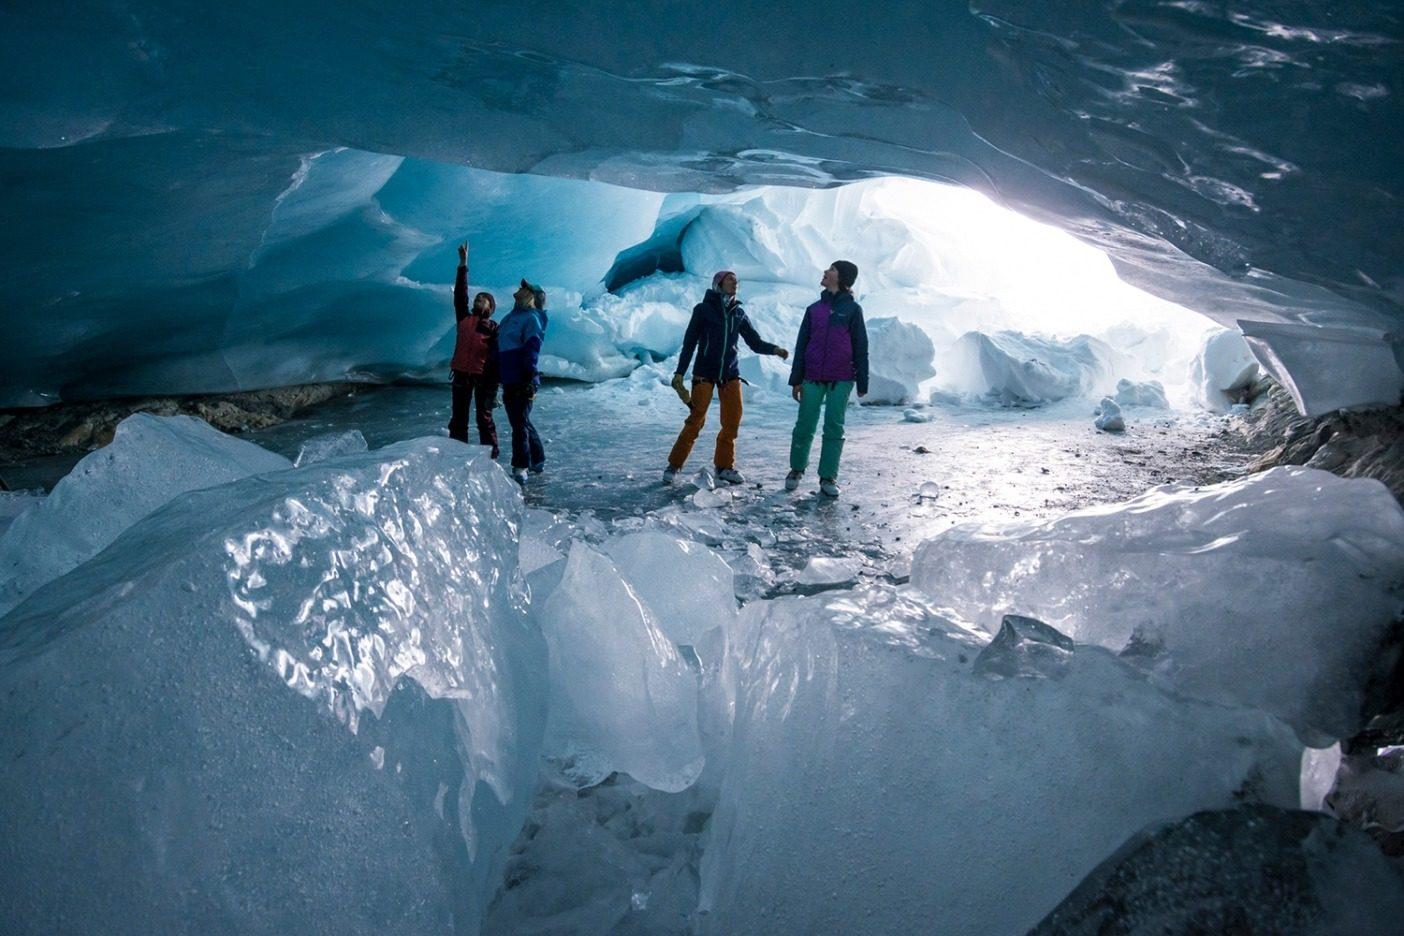 永遠だが一瞬。ボウ氷河の下で、溶けてできた新しい洞窟に侵入するメンバーたち。氷の塊が床に散らばり、洞窟に入るかを慎重に考えた(気候変動により、氷の状態を予測することが困難になっているのだ)。しかし、洞窟が完璧な半円形型アーチになっていることを全員が理解し、多少の侵入は安全だと確信した。Photo:Kennan Harvey